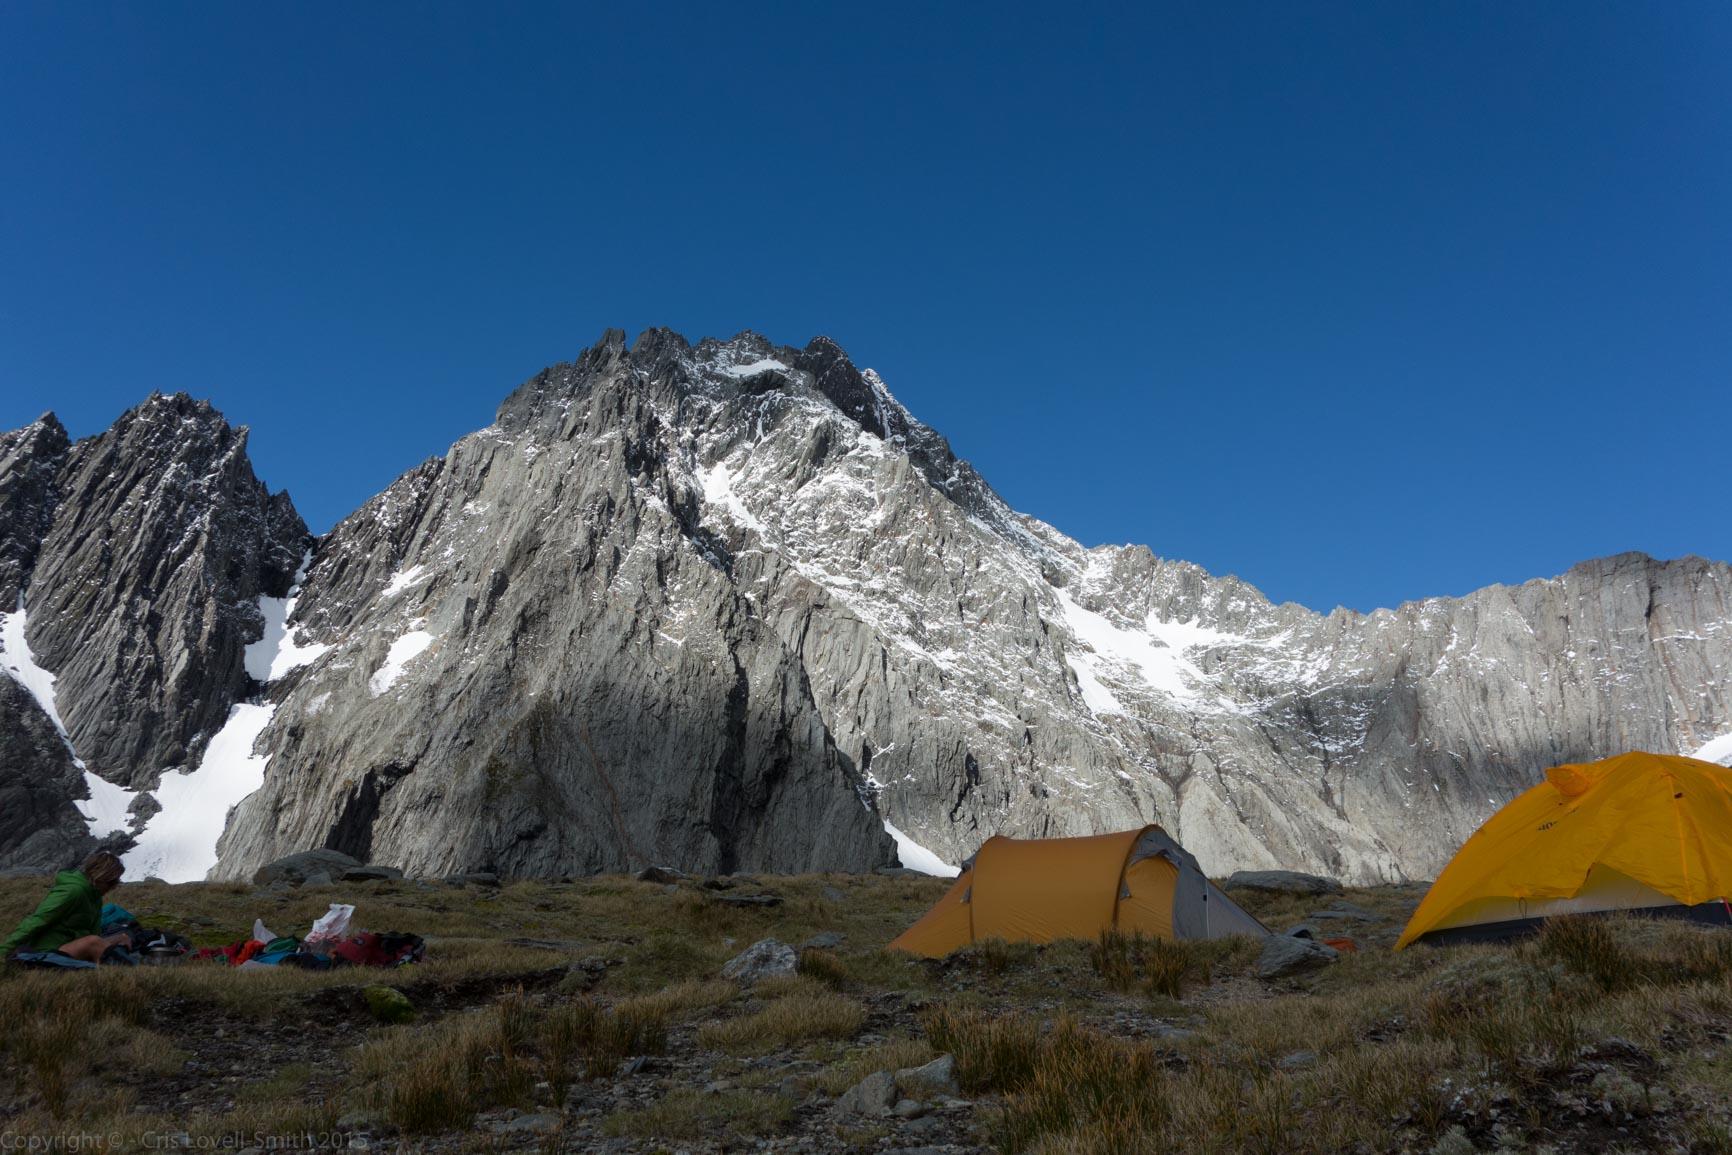 Tents infront of Mt Trent (Hopkins Valley Tramp Jan 2015)